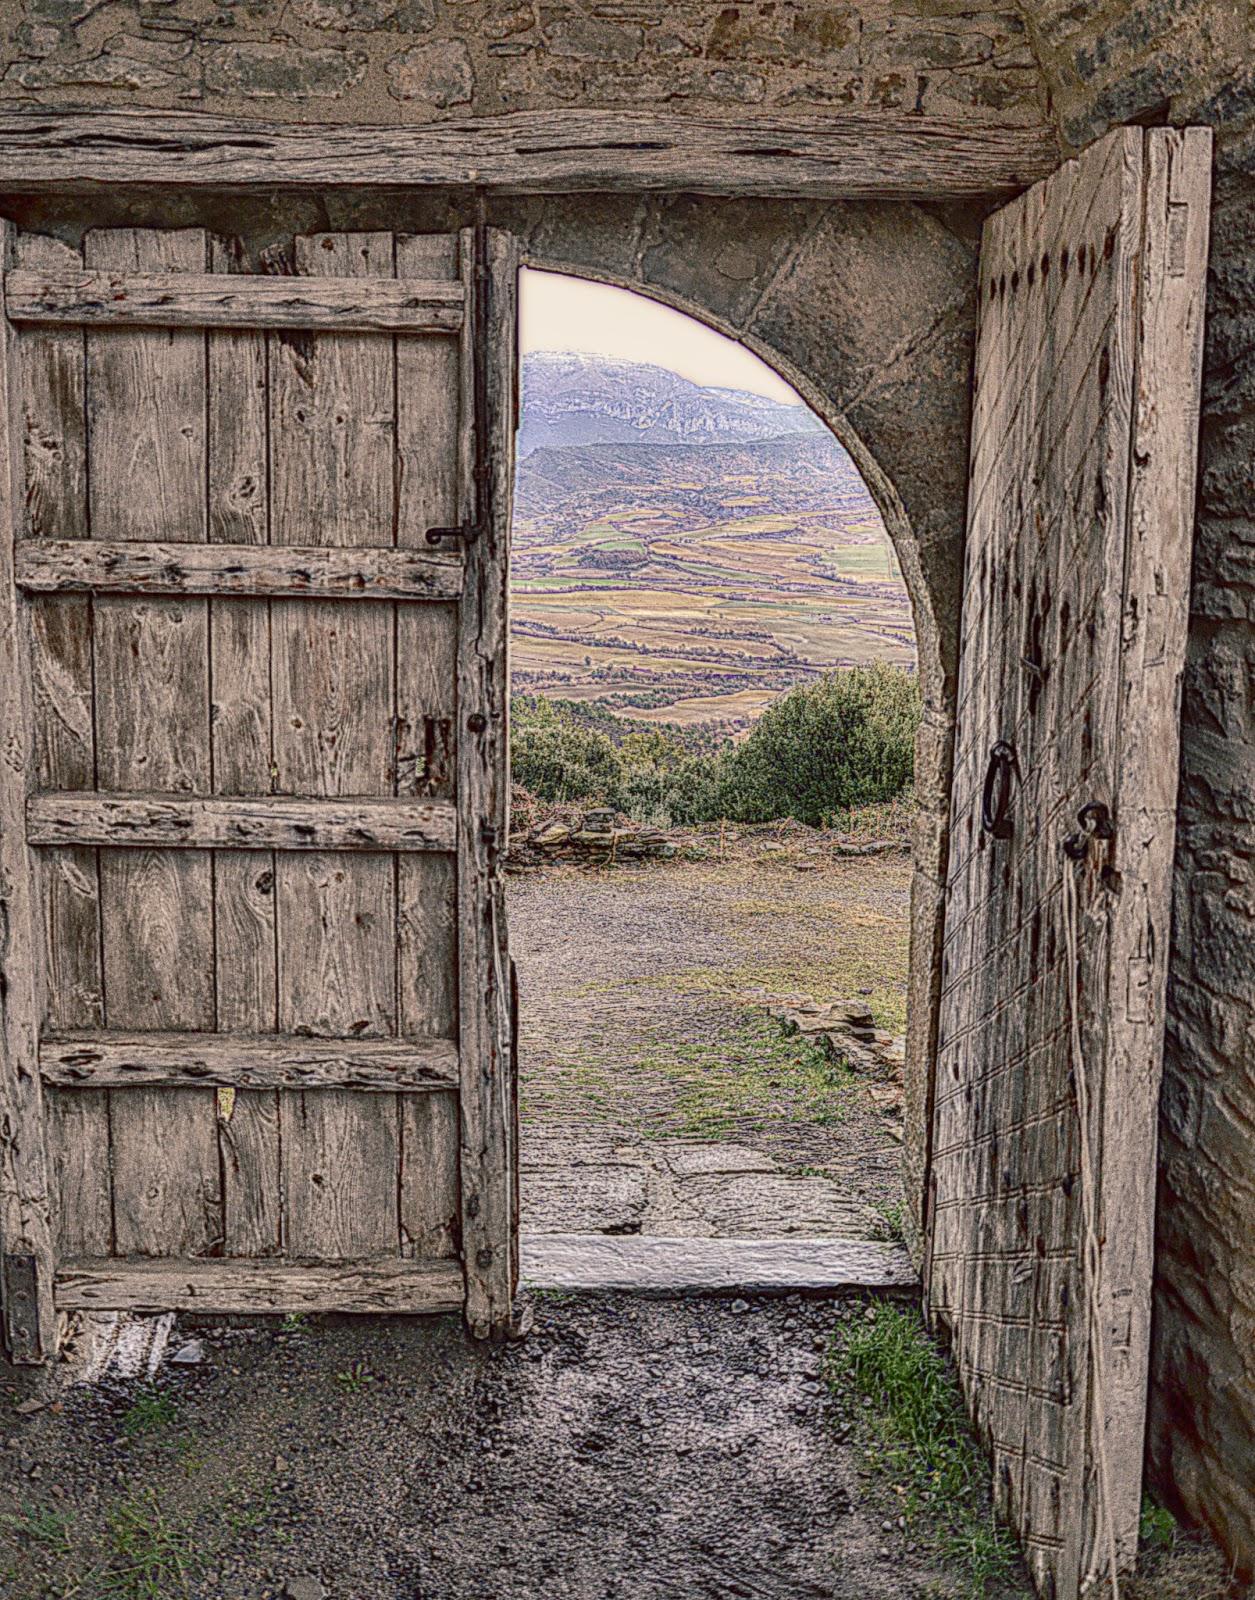 Asociacion chi de andalucia cerr ndo circulos for Puerta blindada antigua casa gutierrez